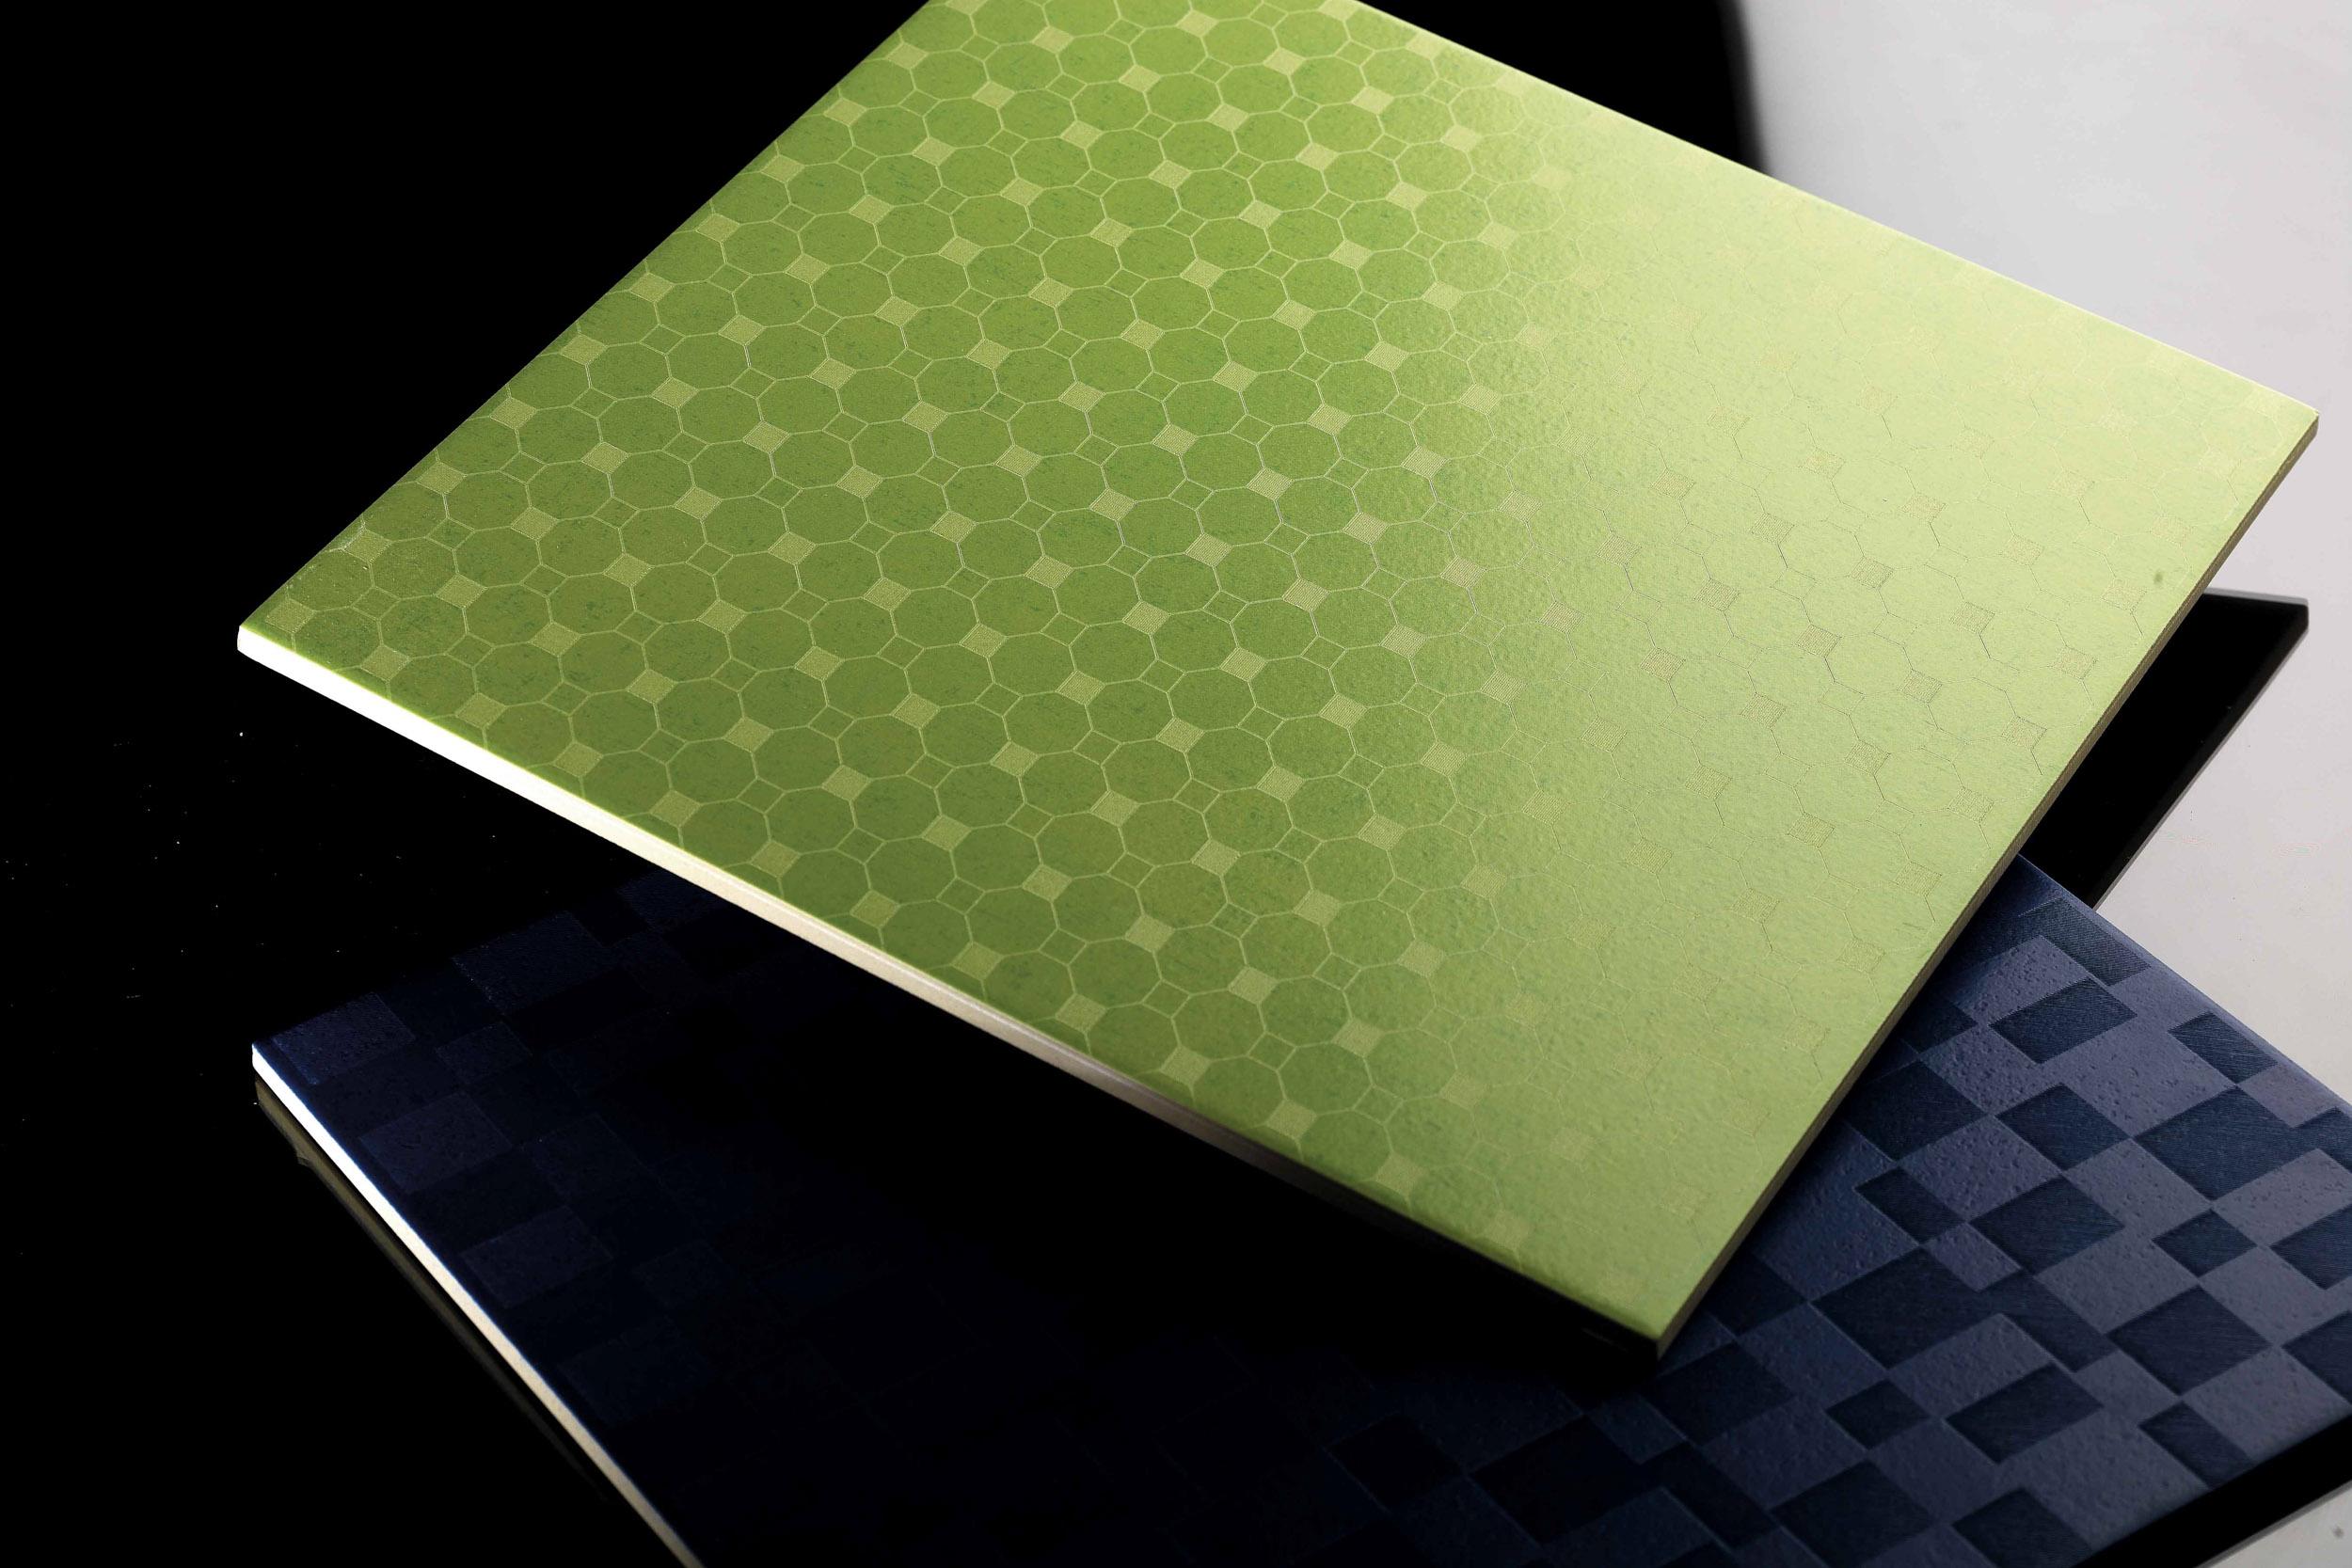 Taglio laser tessuto - Otlas